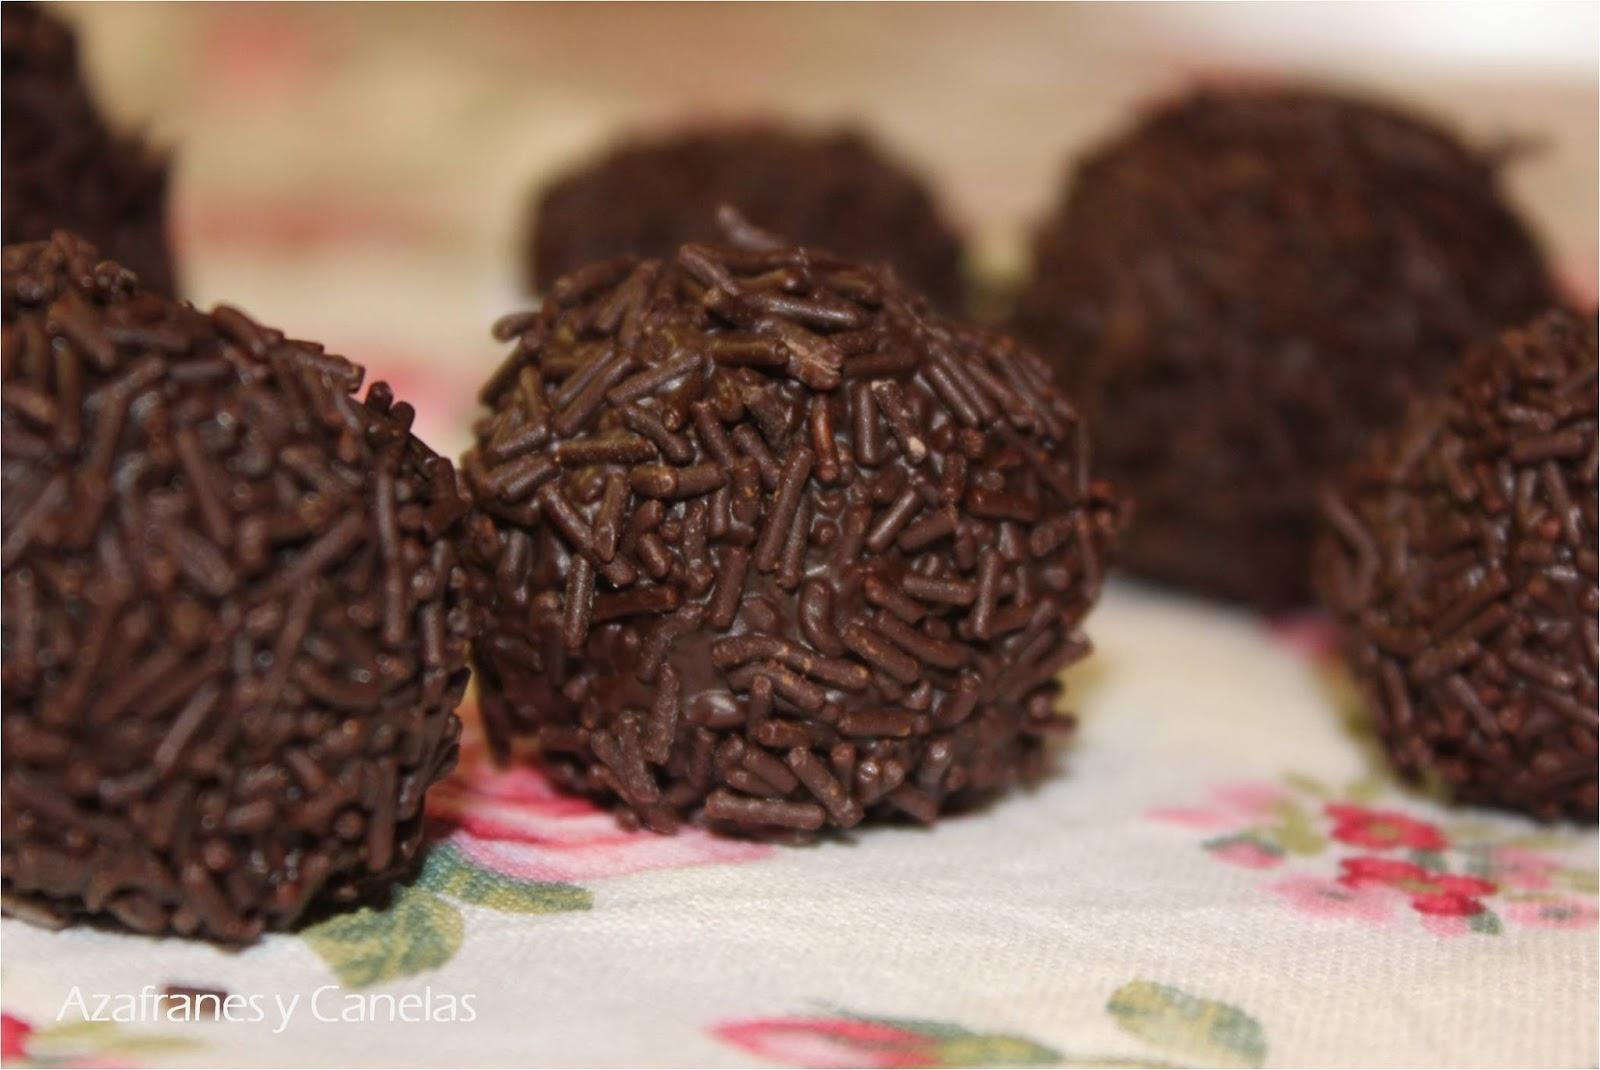 Trufas de chocolate  Azafranes y Canelas